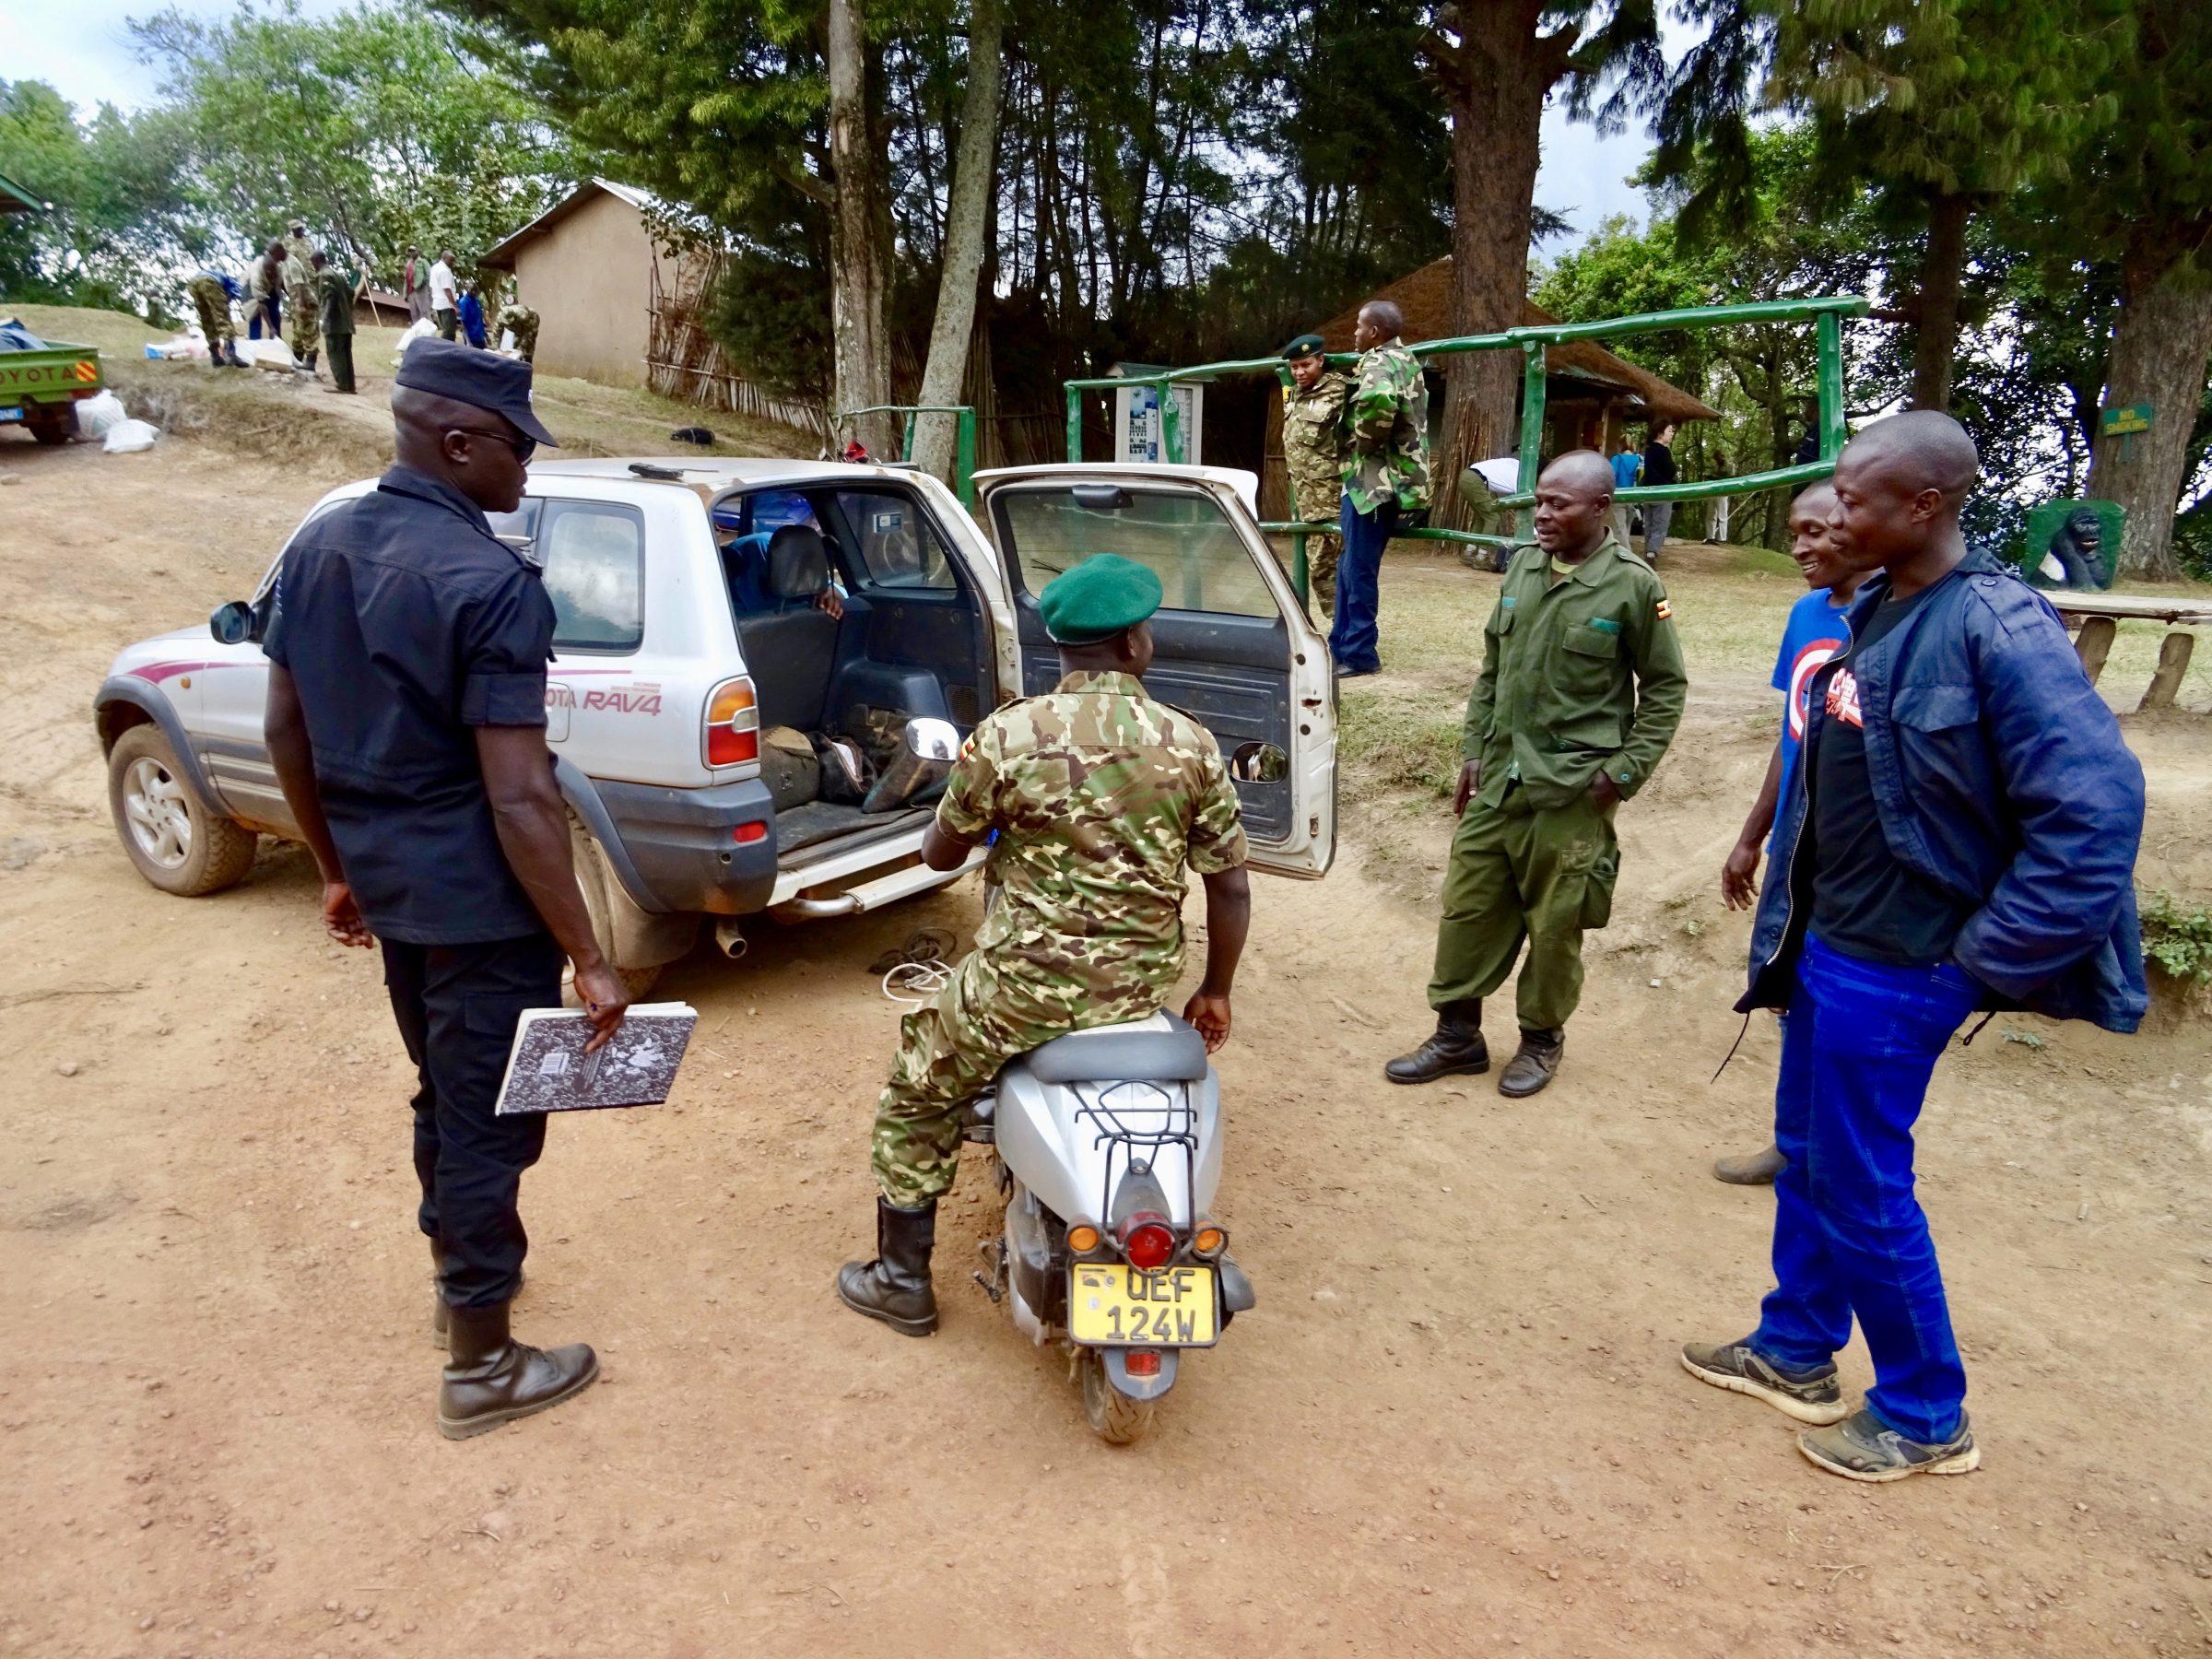 Alternatief vervoer voor een defecte scooter in Bwindi National Park, Oeganda